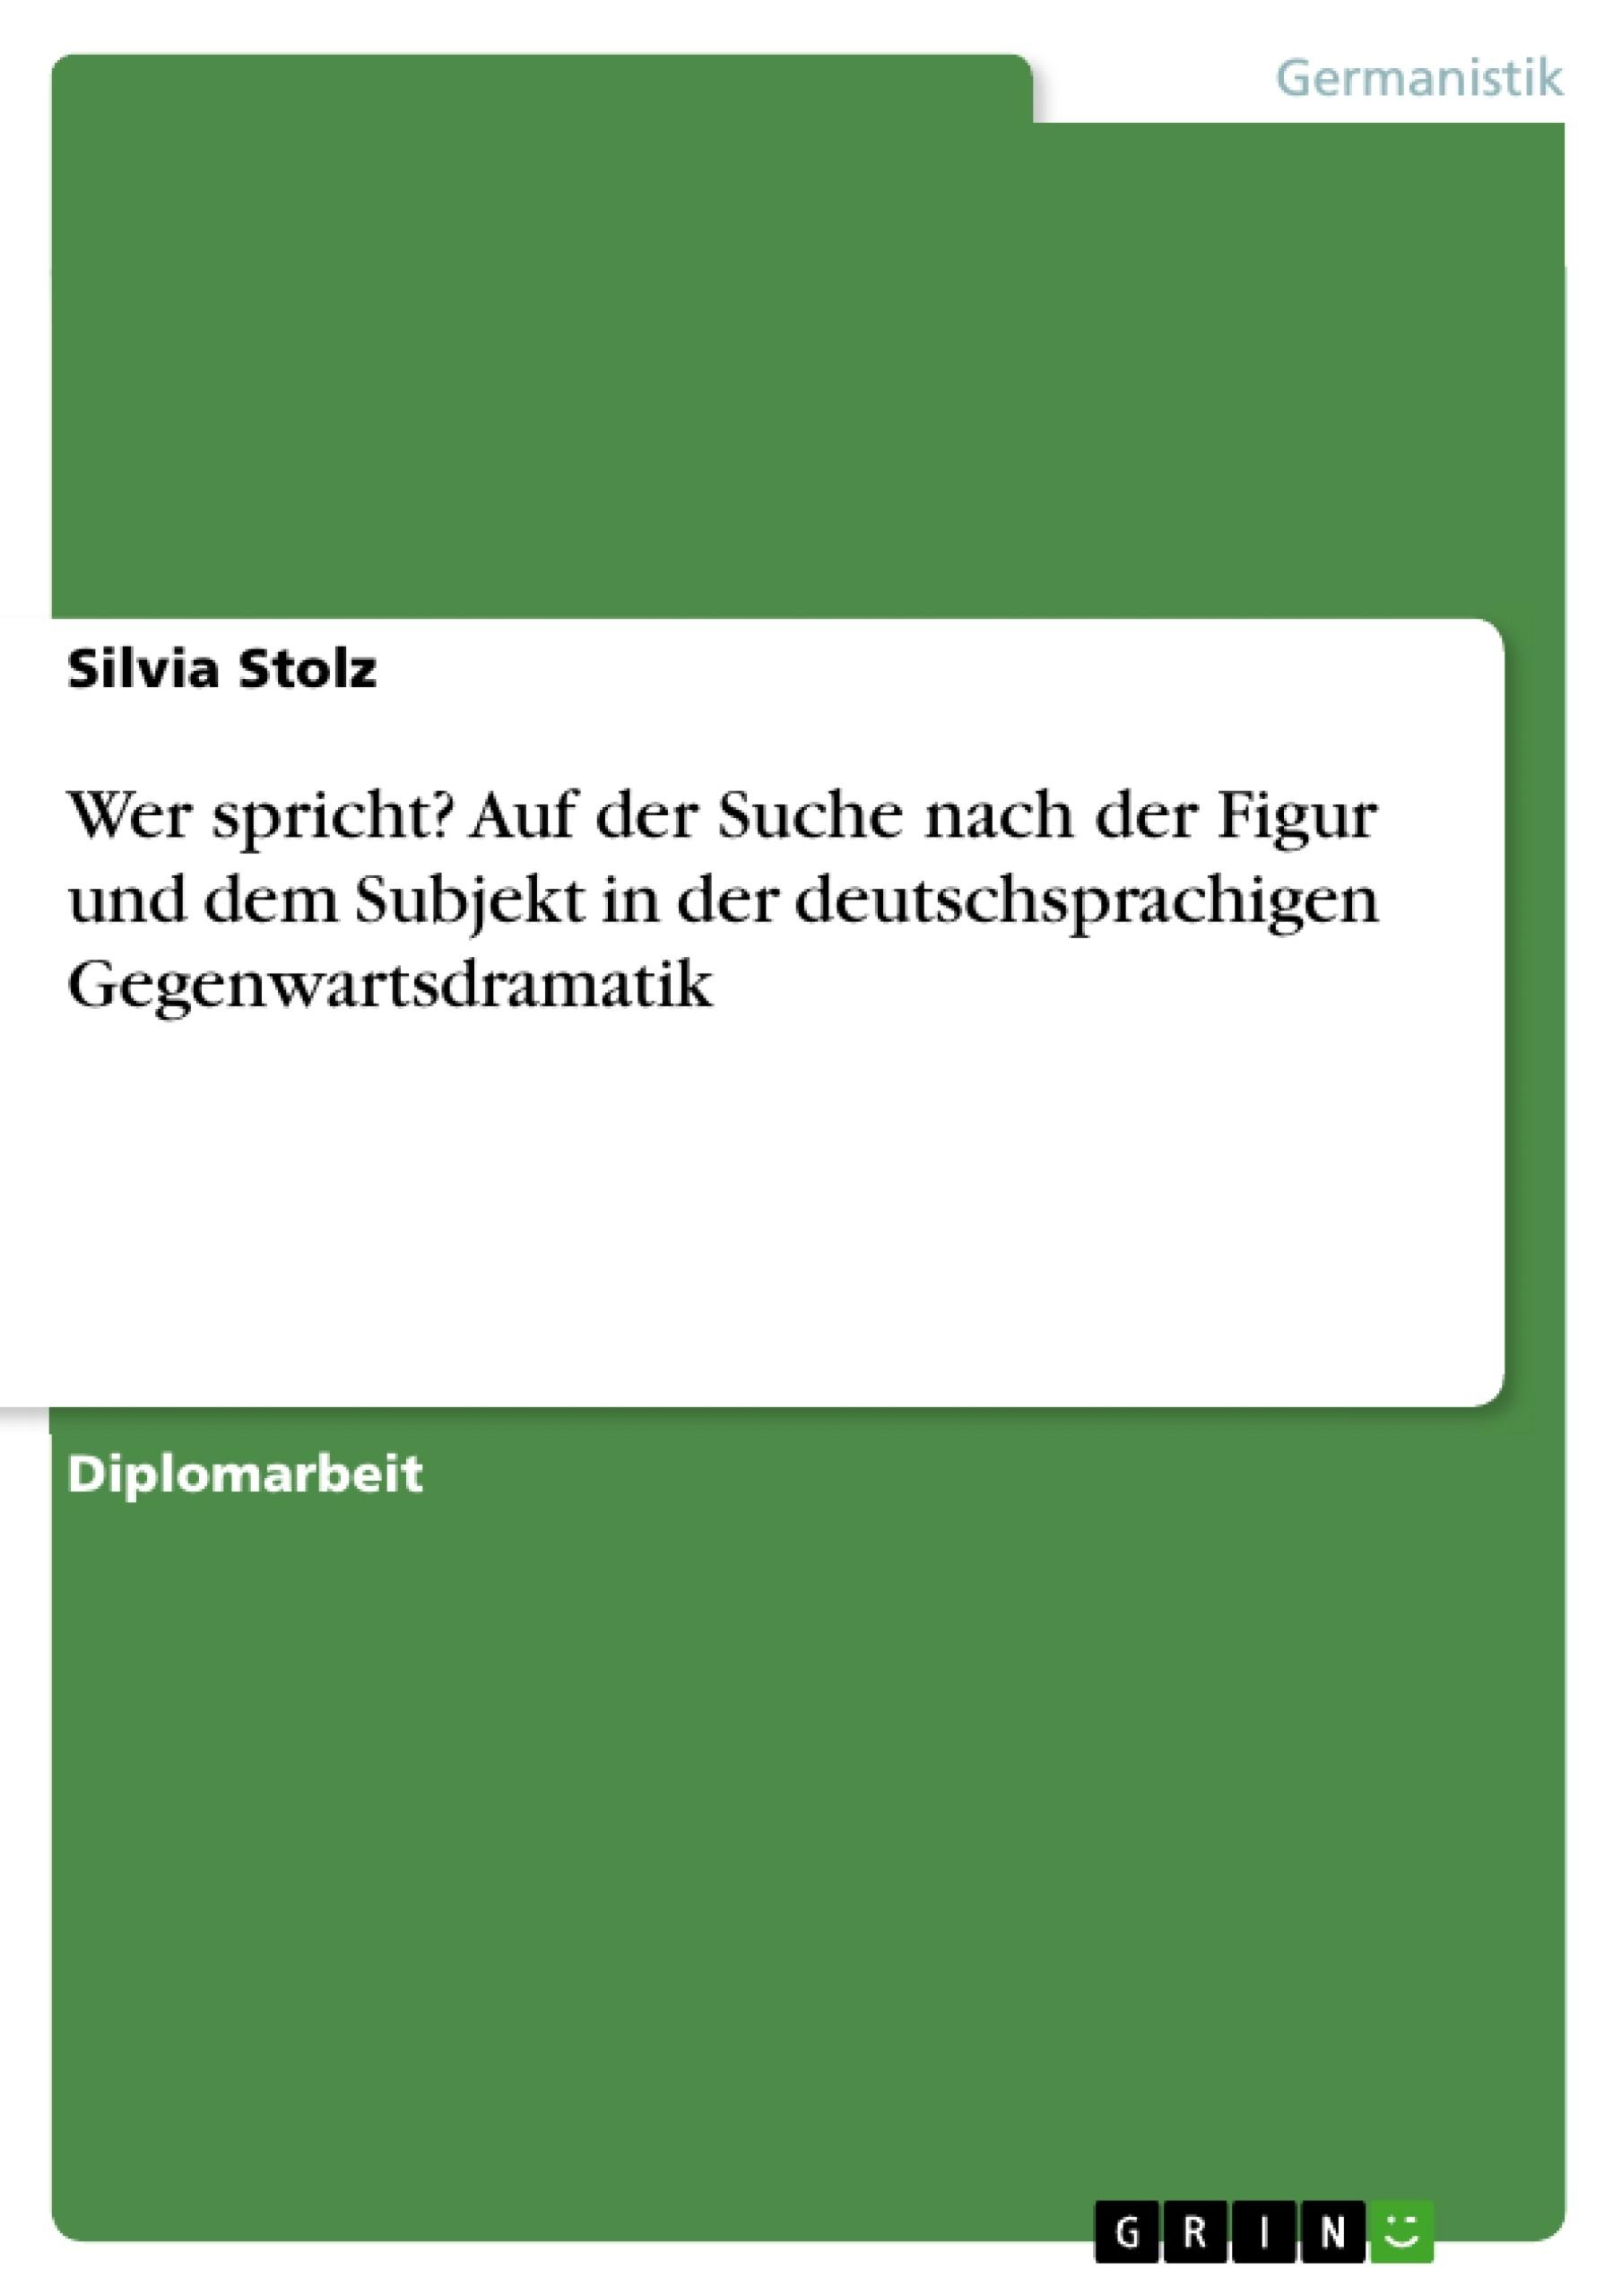 Titel: Wer spricht? Auf der Suche nach der Figur und dem Subjekt in der deutschsprachigen Gegenwartsdramatik